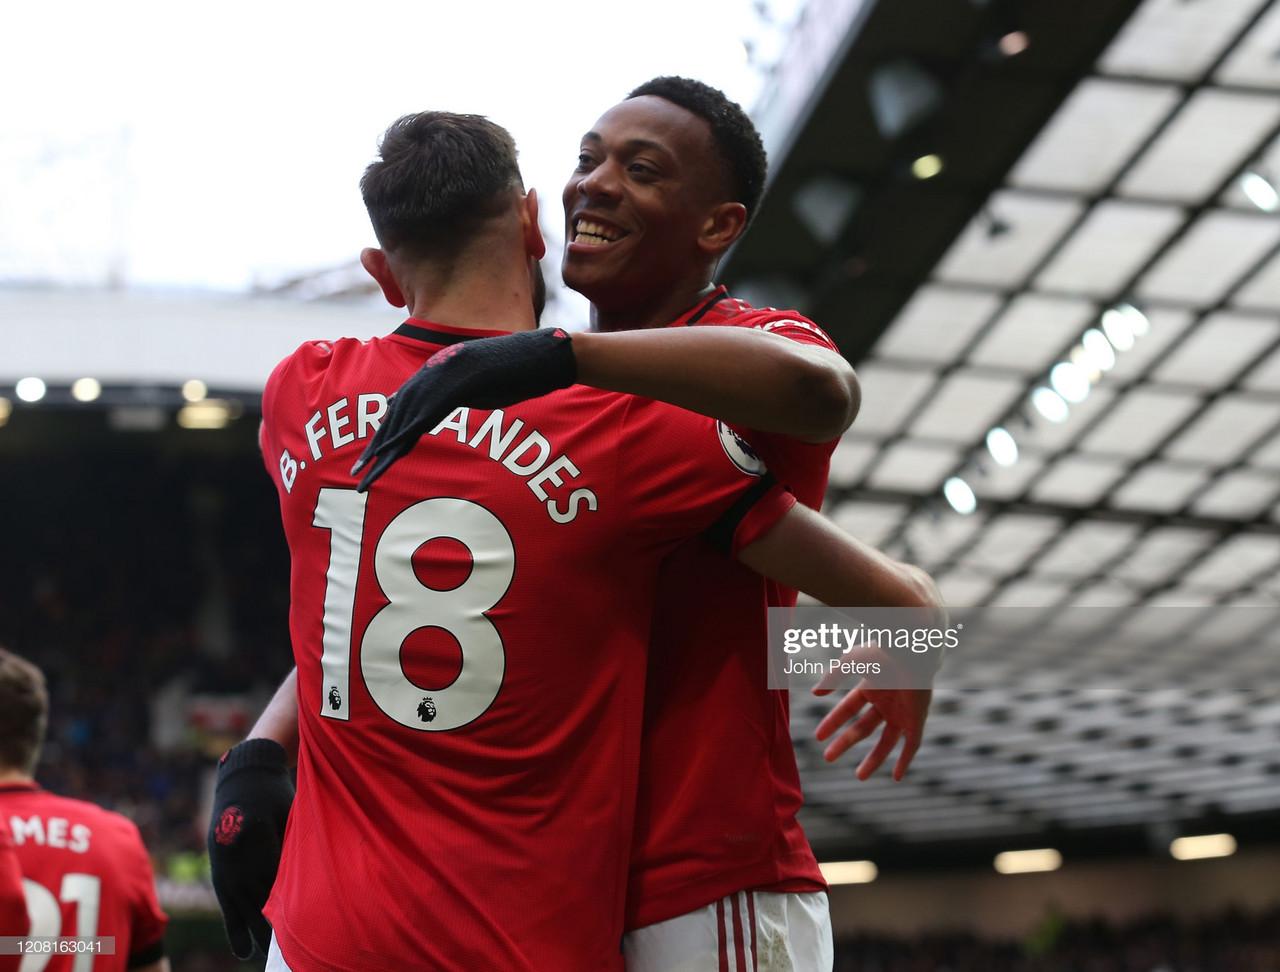 Solskjaer demands more from Manchester United's Martial despite 3 goals in a week